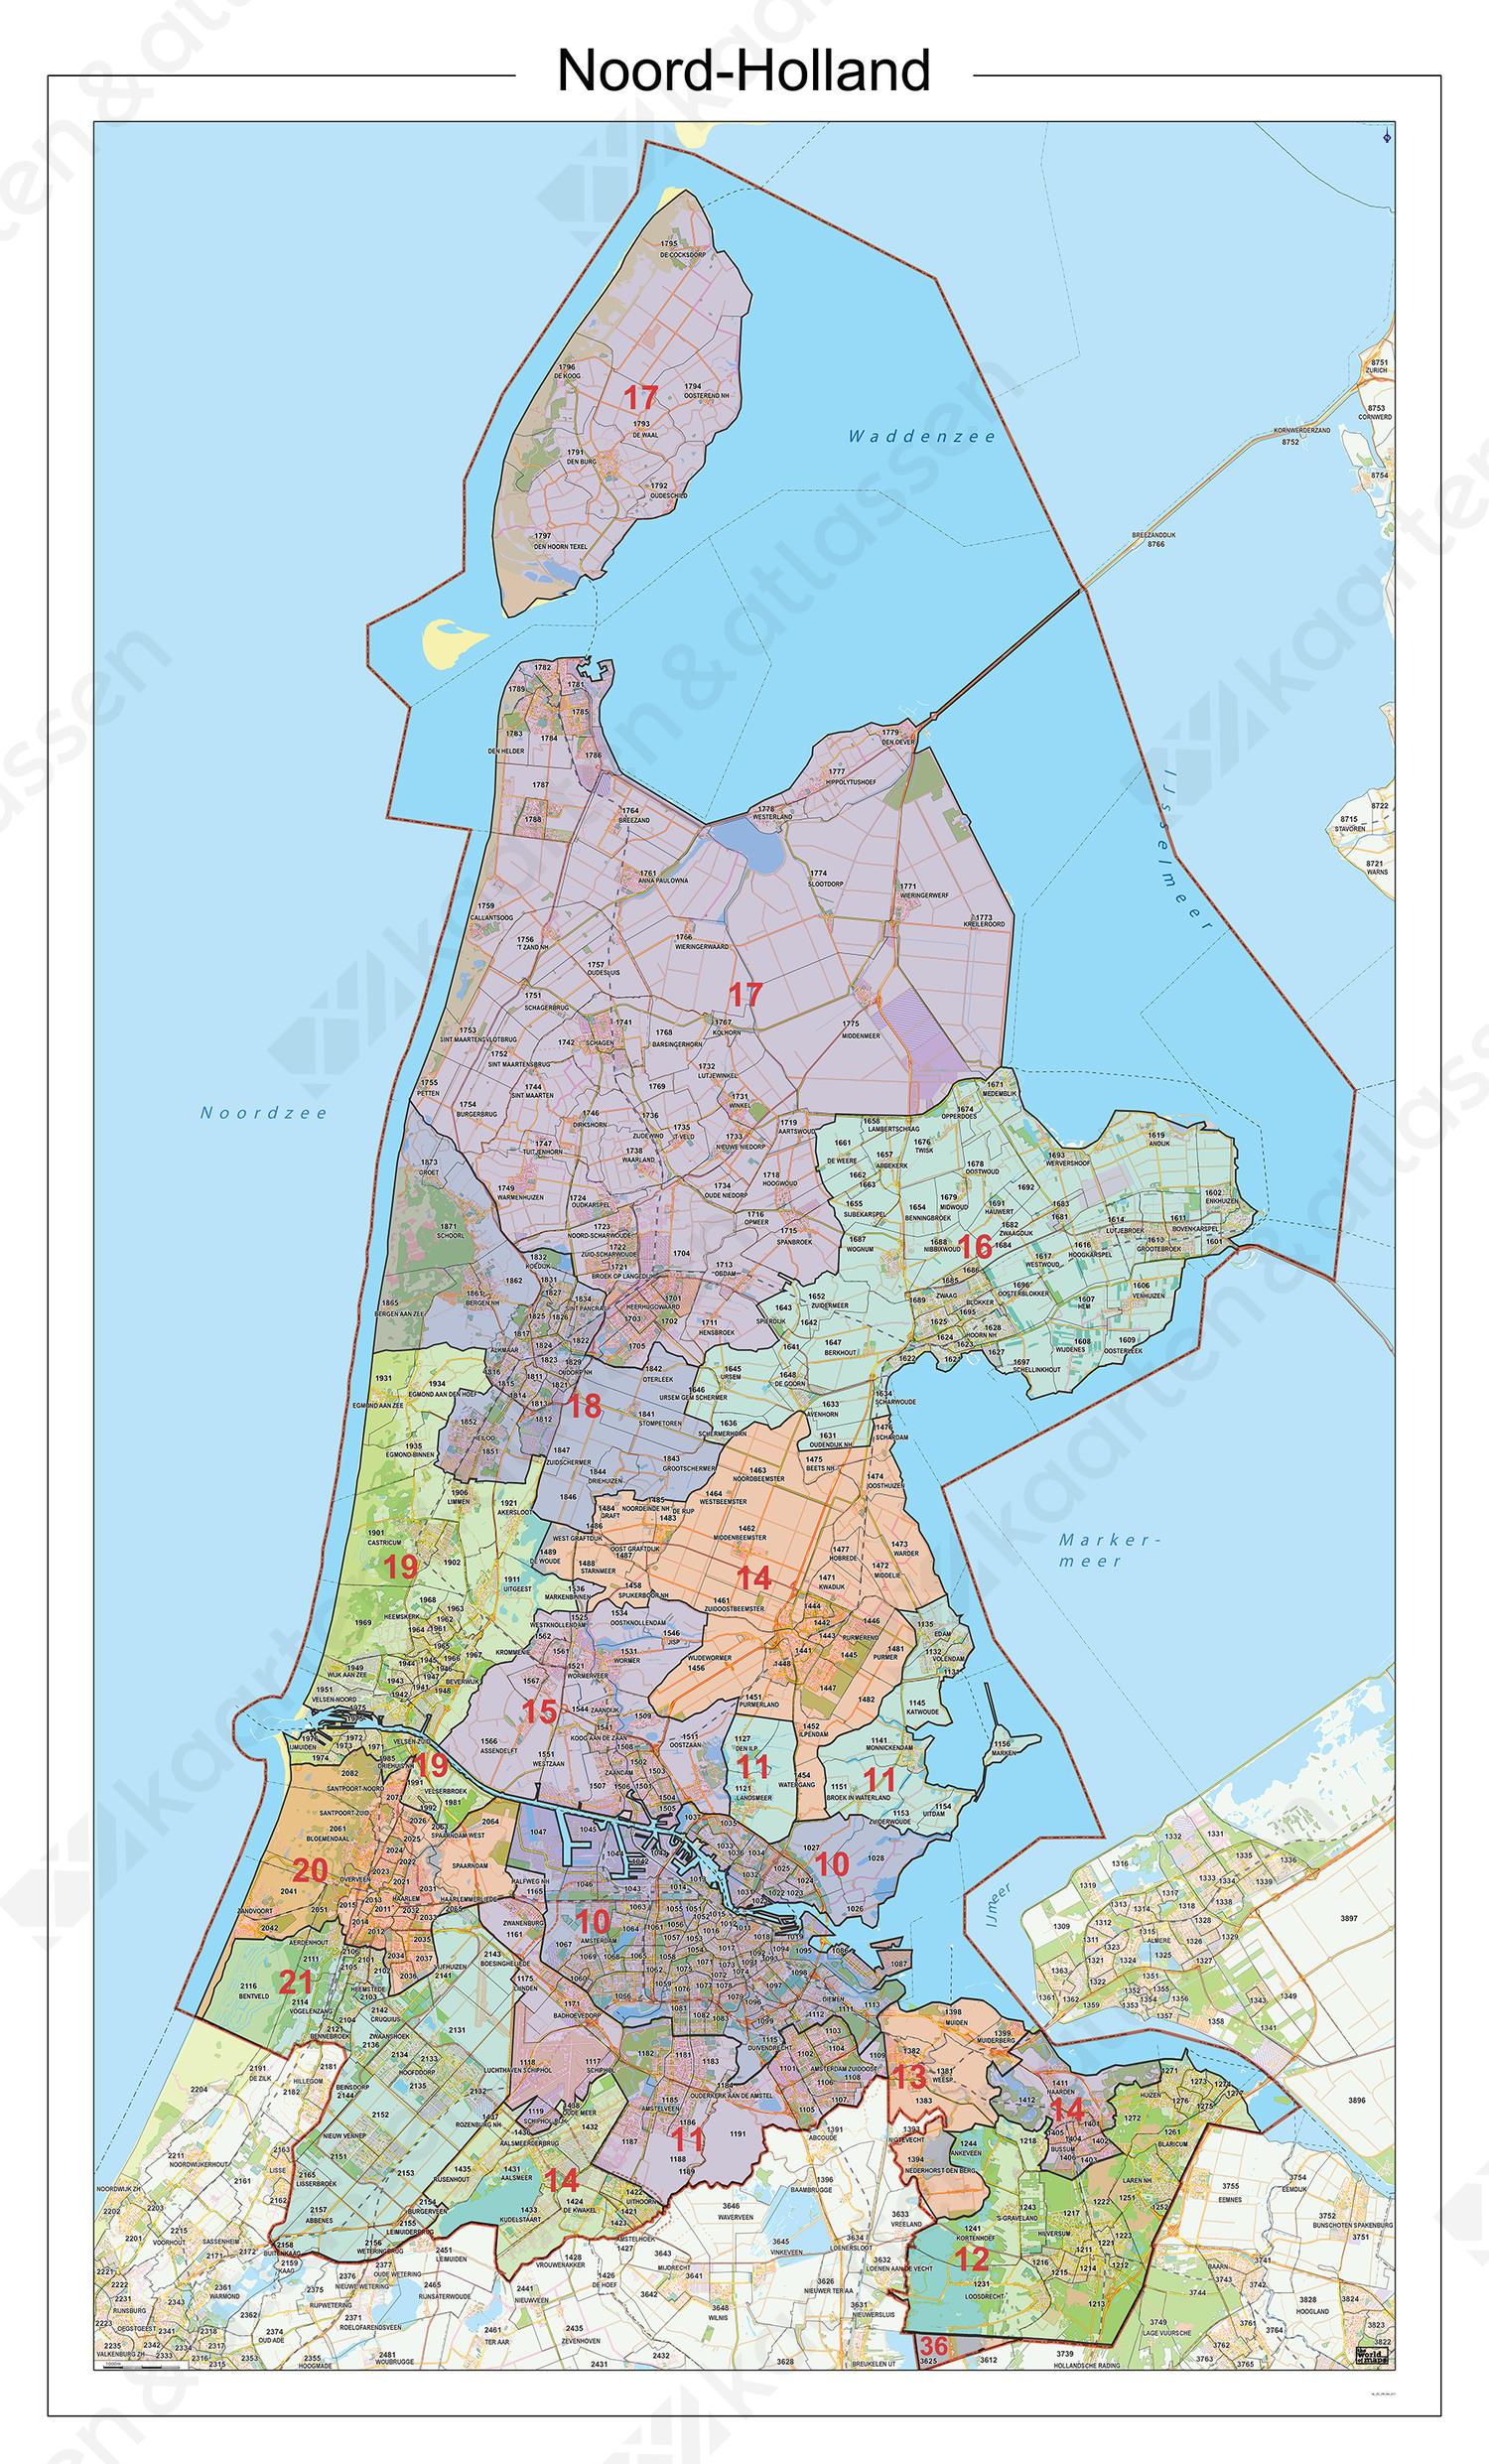 Postcodekaart Provincie Noord-Holland